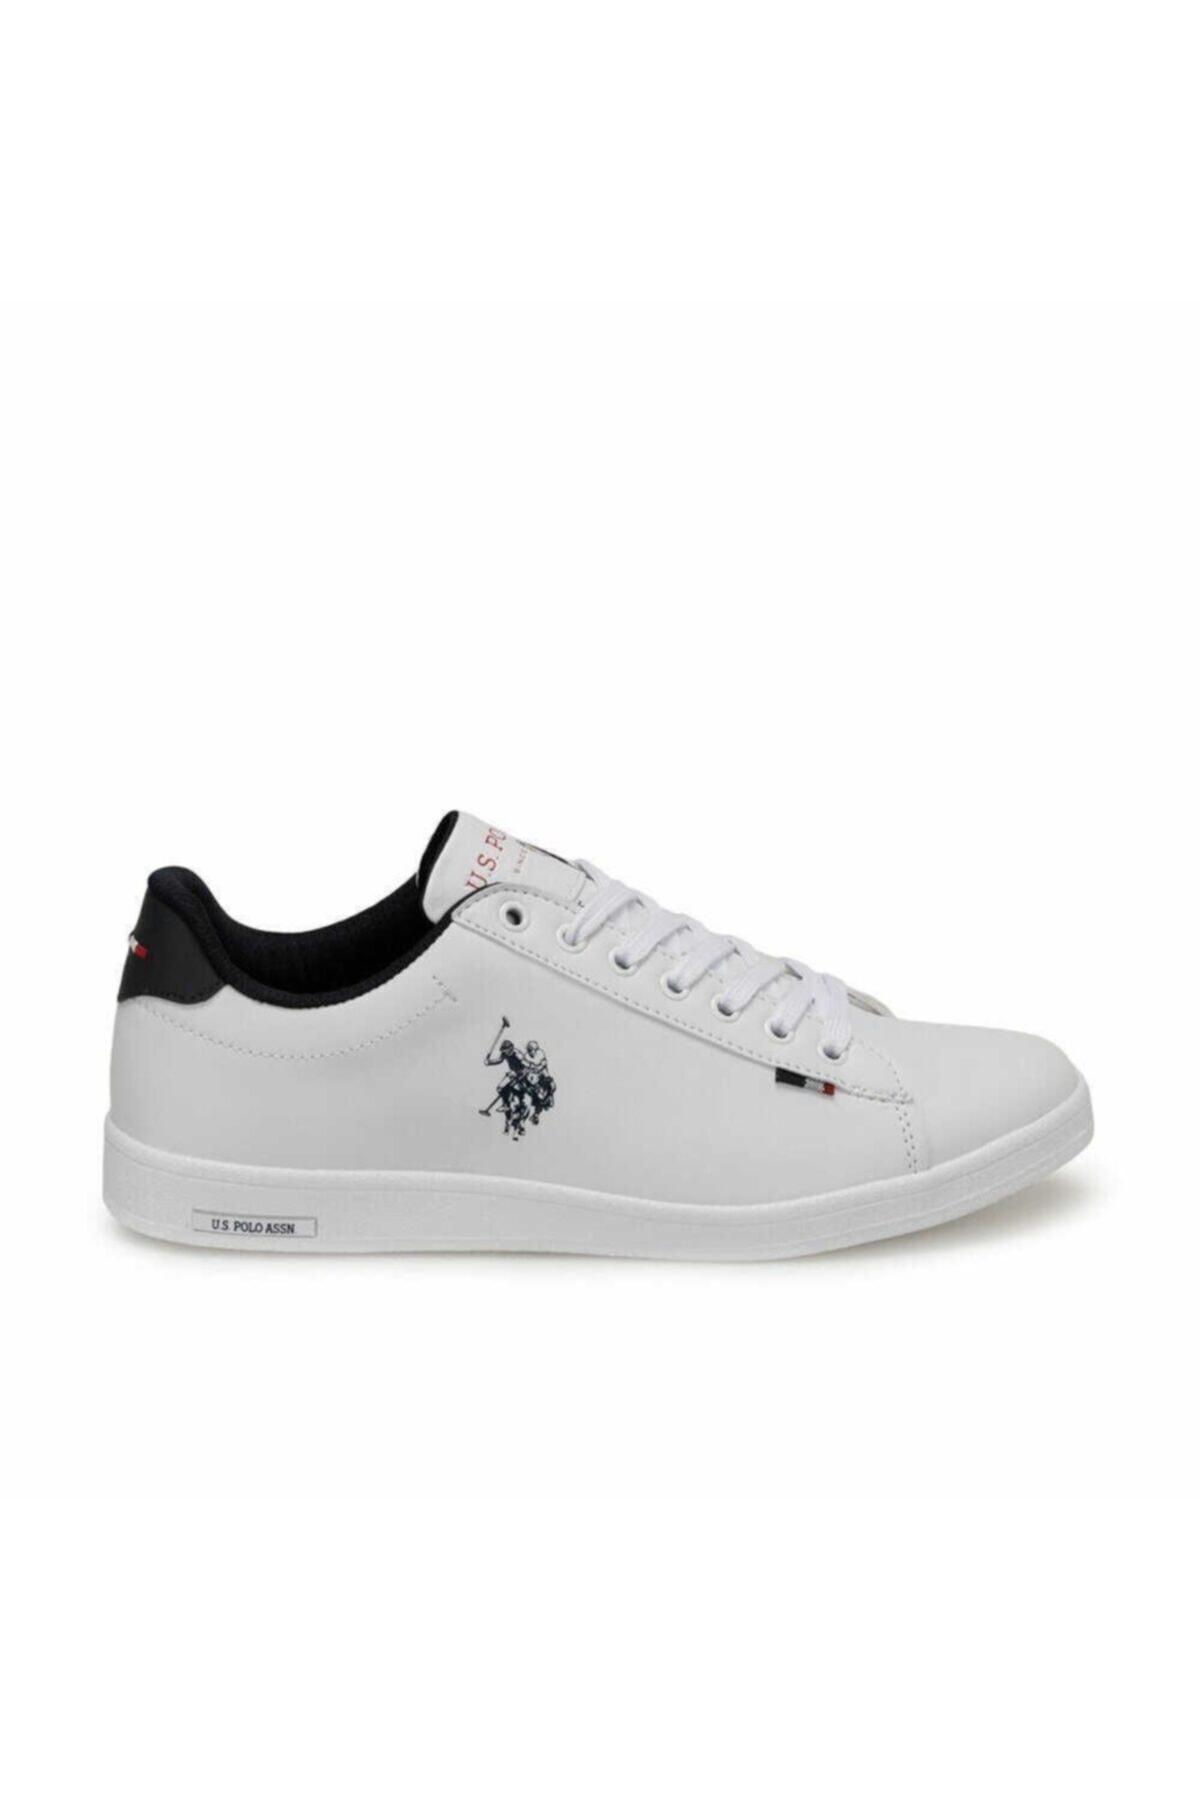 U.S. Polo Assn. Erkek Beyaz Franco Günlük Spor Ayakkabı 1